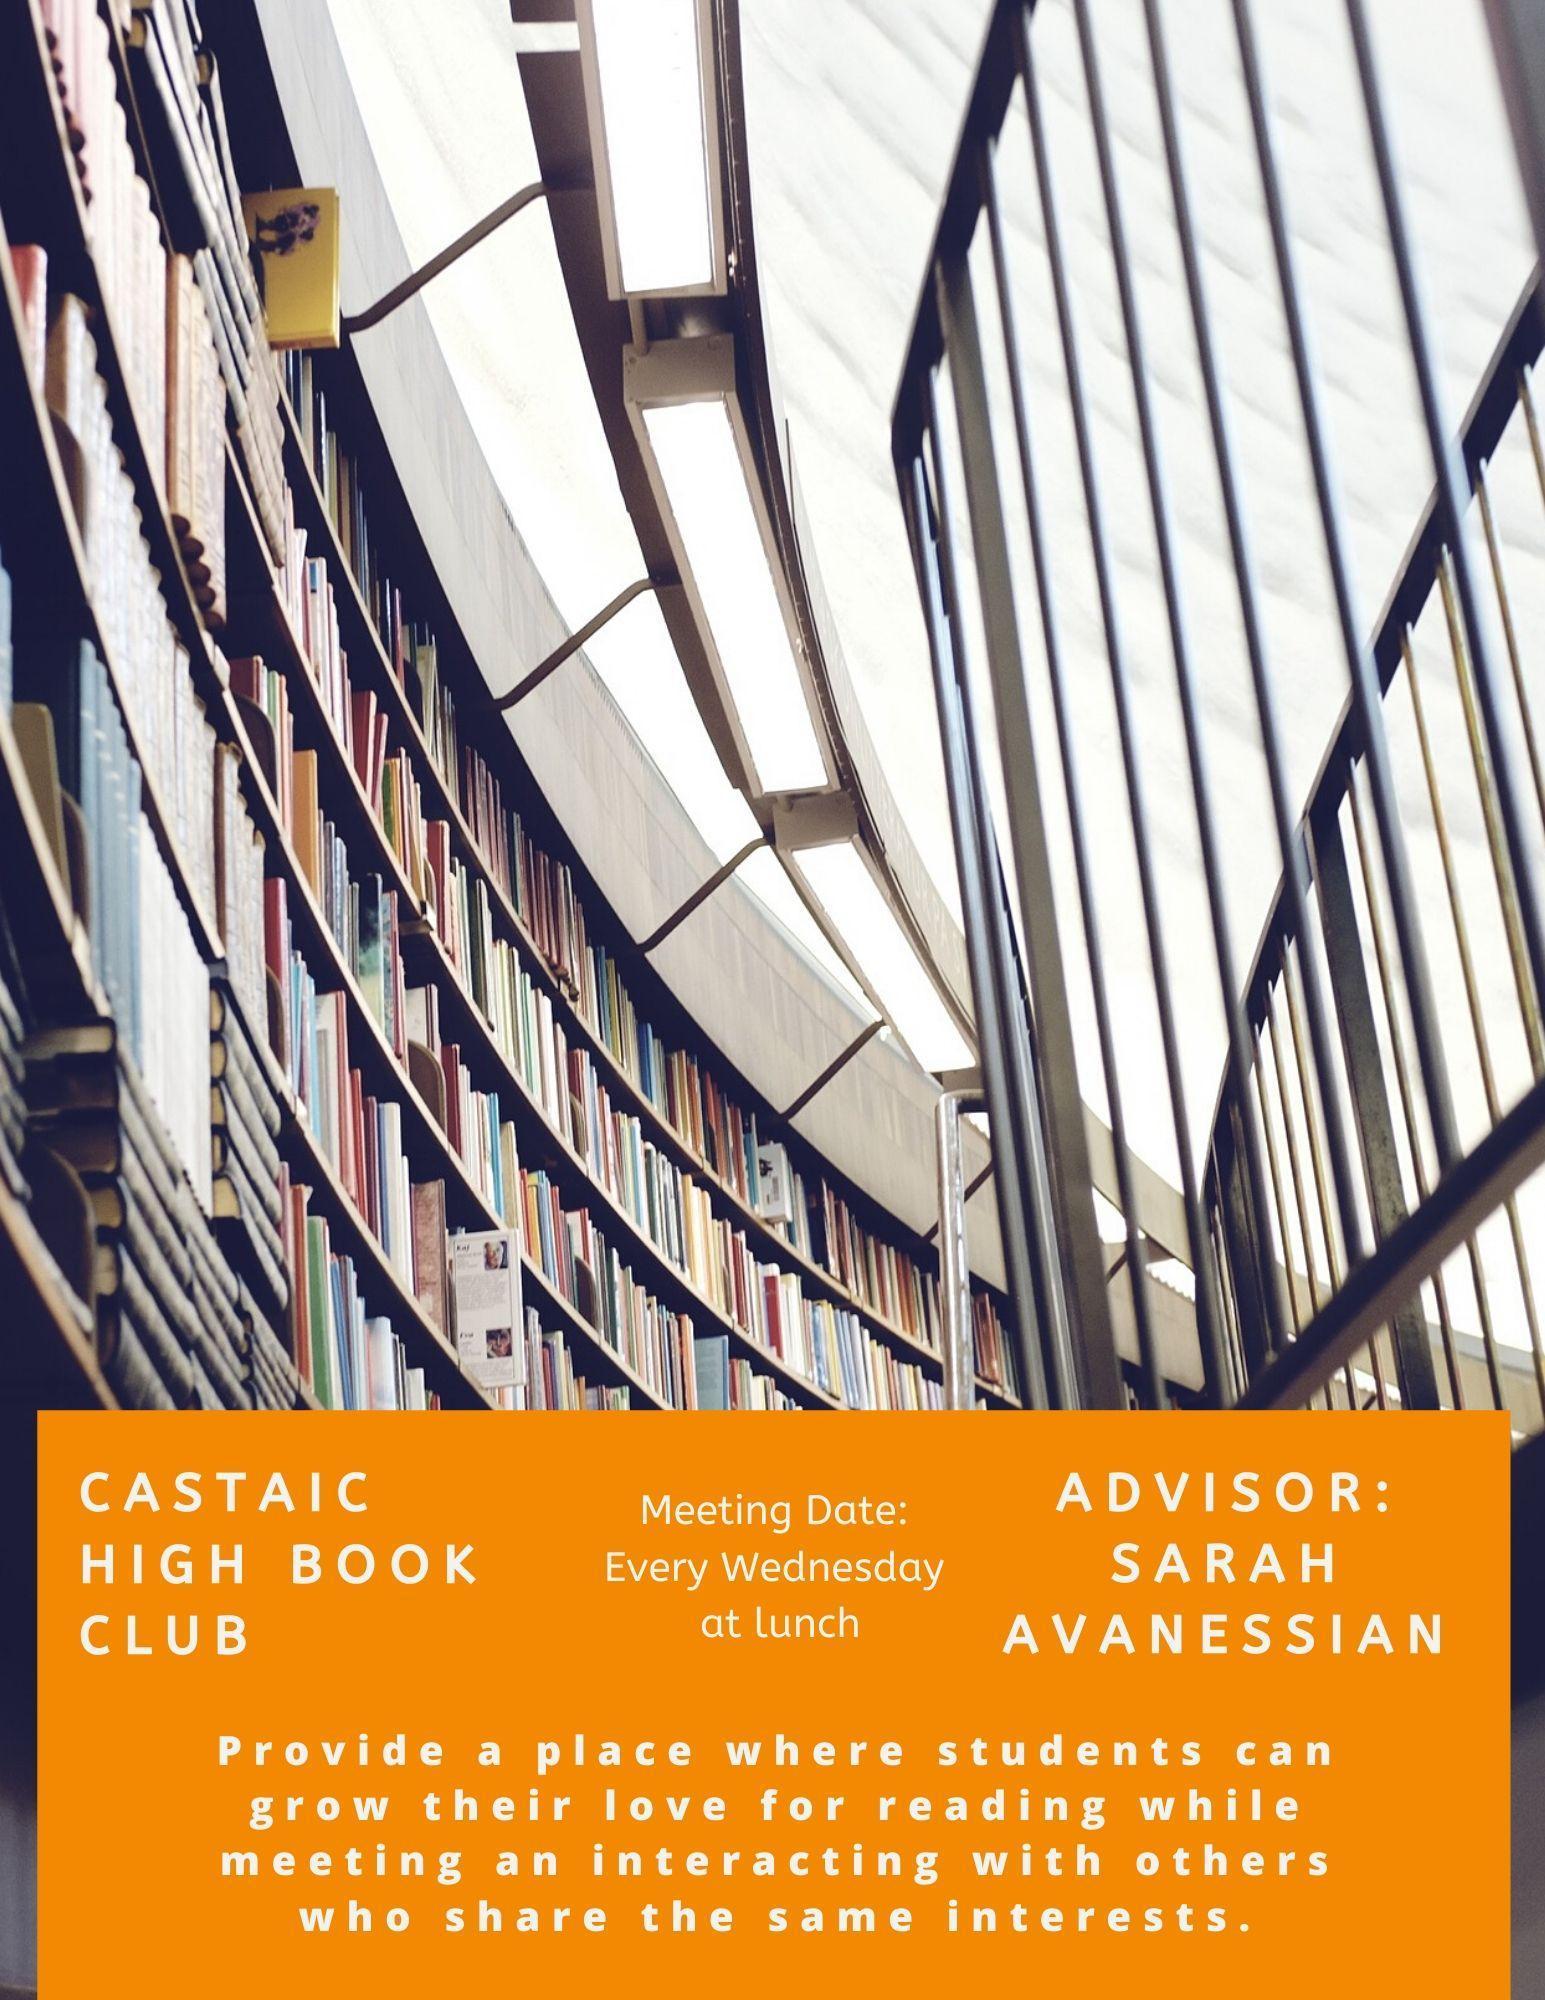 Castaic High Book Club